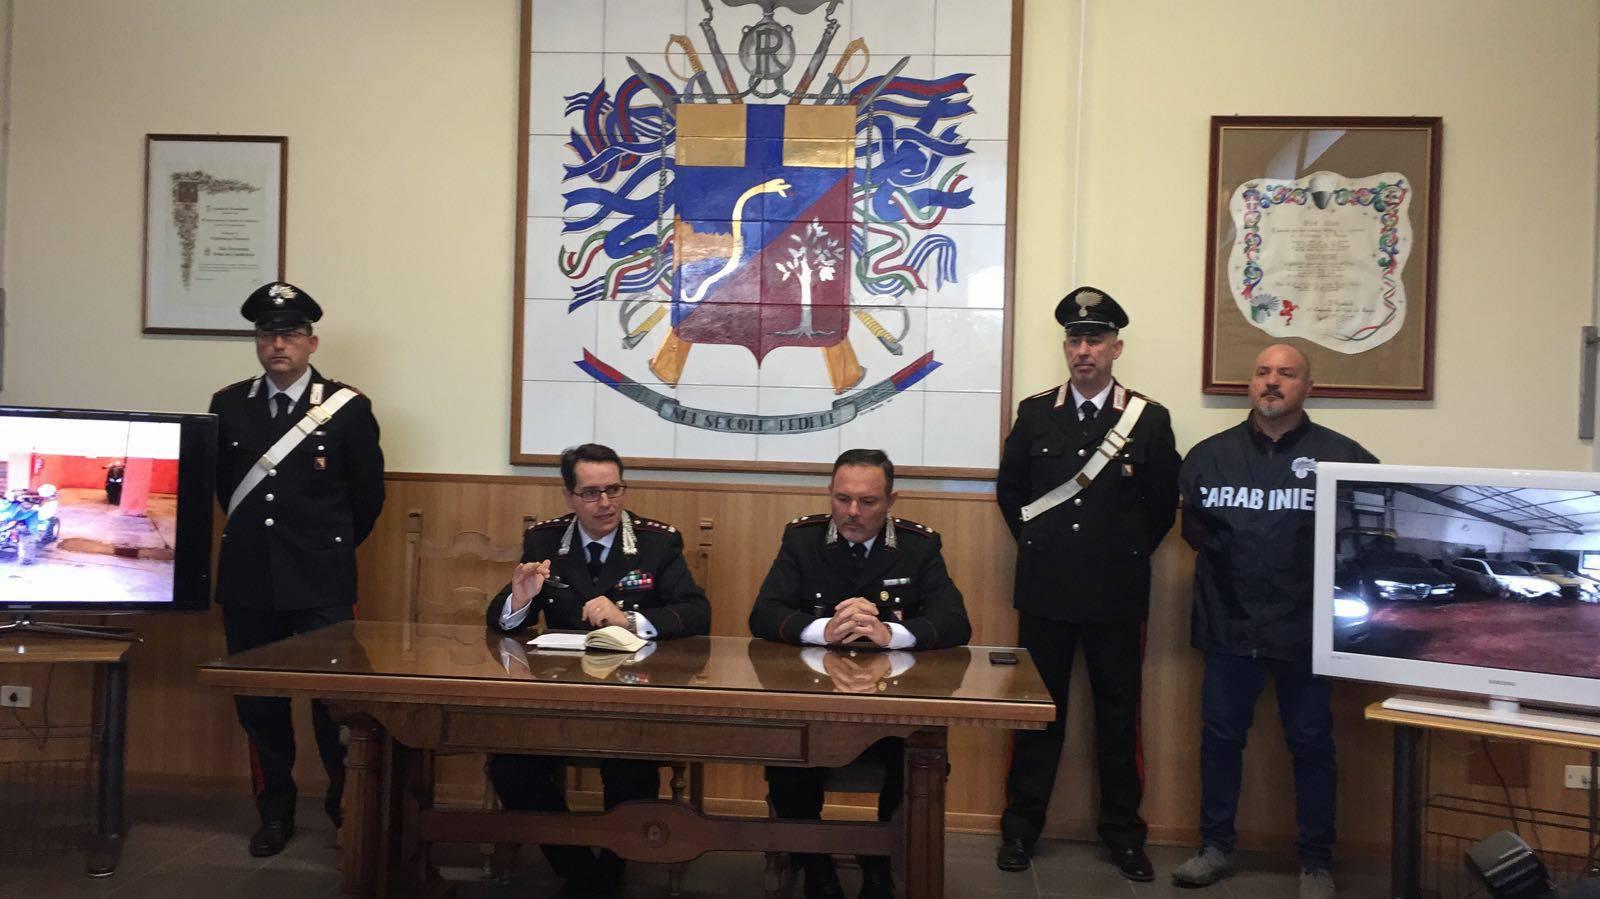 Furto d'olio a San Gimignano, ladri arrestati dopo un inseguimento a Staggia